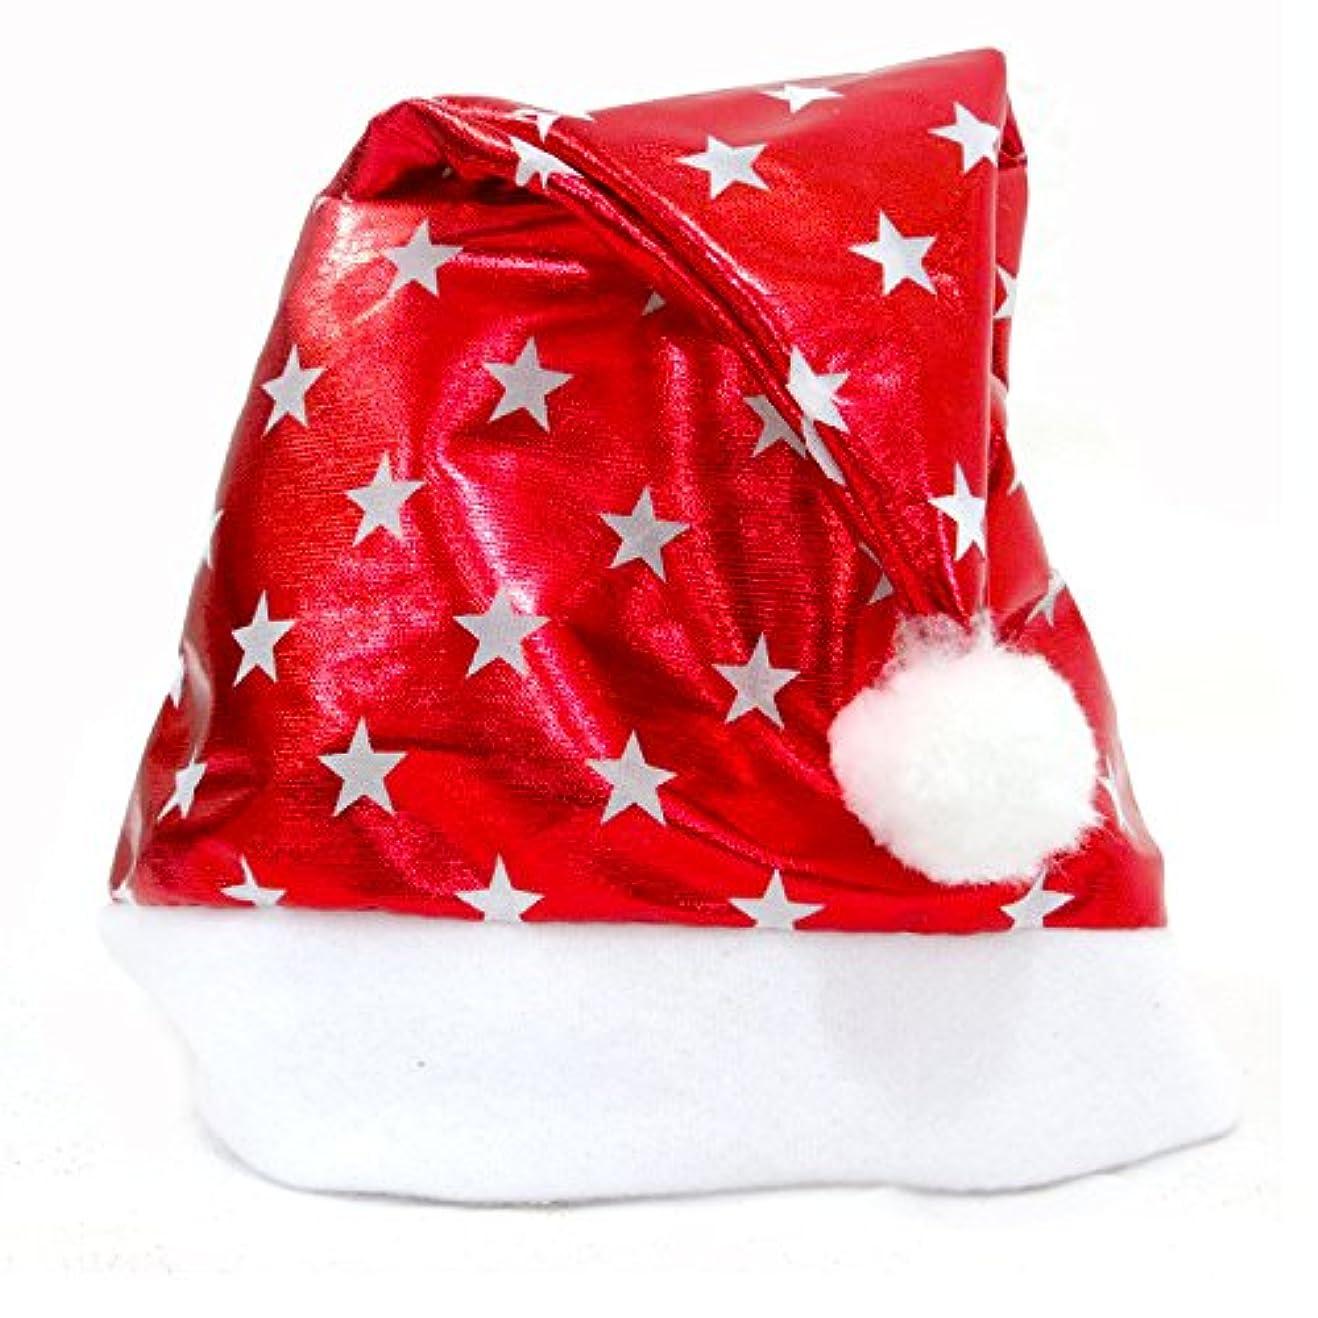 モンゴメリーコンテンポラリー永久Racazing クリスマスハット レッド Hat ライト ドームキャップ 防寒対策 通気性のある 防風 ニット帽 暖かい 軽量 屋外 スキー 自転車 クリスマス 男女兼用 Christmas Cap